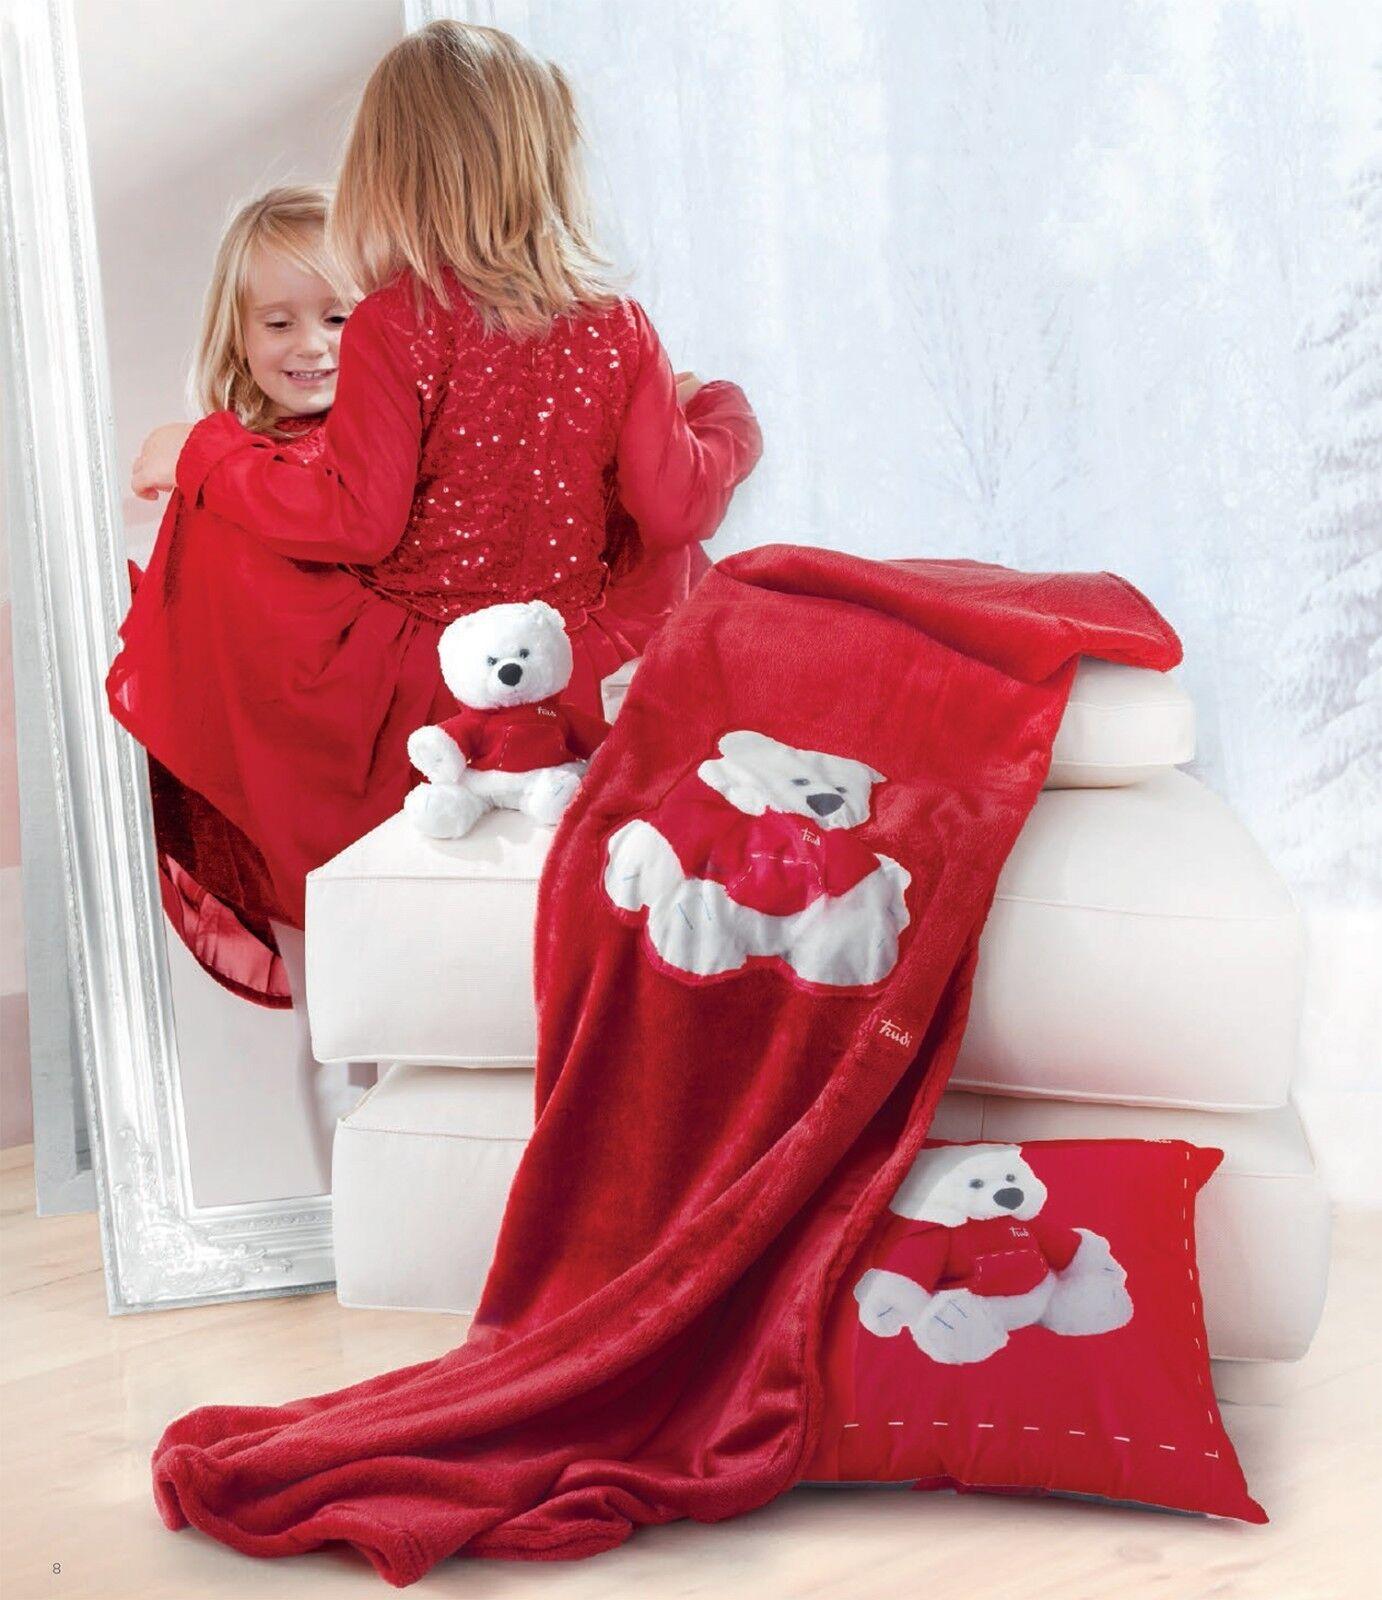 """Plaid pile coperta letto Trudi """"Wish"""" cm bimba 130 x 170 bimbo bimba cm Coloreeee rosso orso 8c4166"""